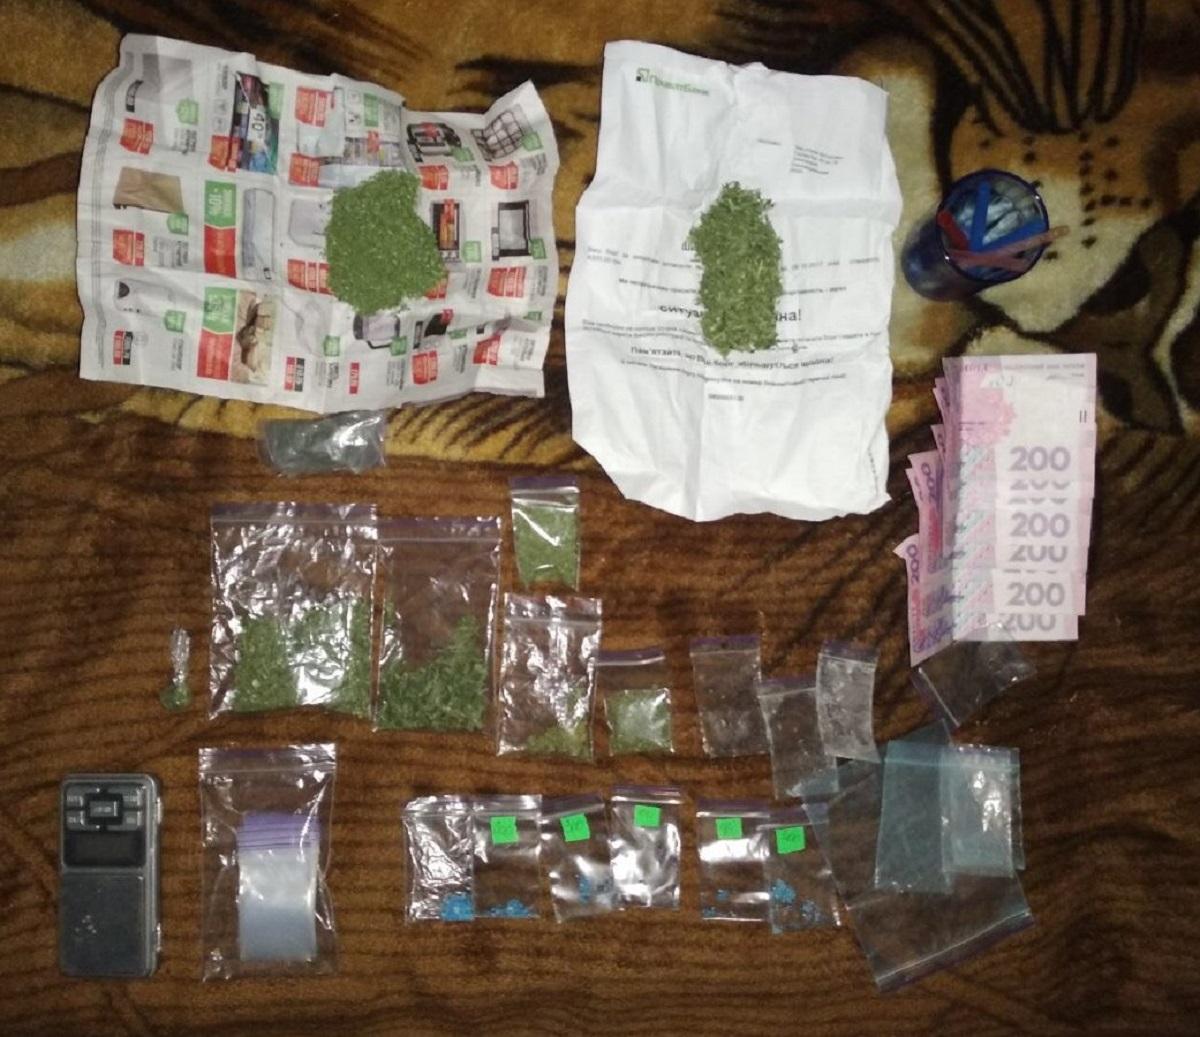 Без Купюр У 30-річної мешканки Кіровоградщини знайшли наркотики Кримінал  Олександрія наркотики злочин